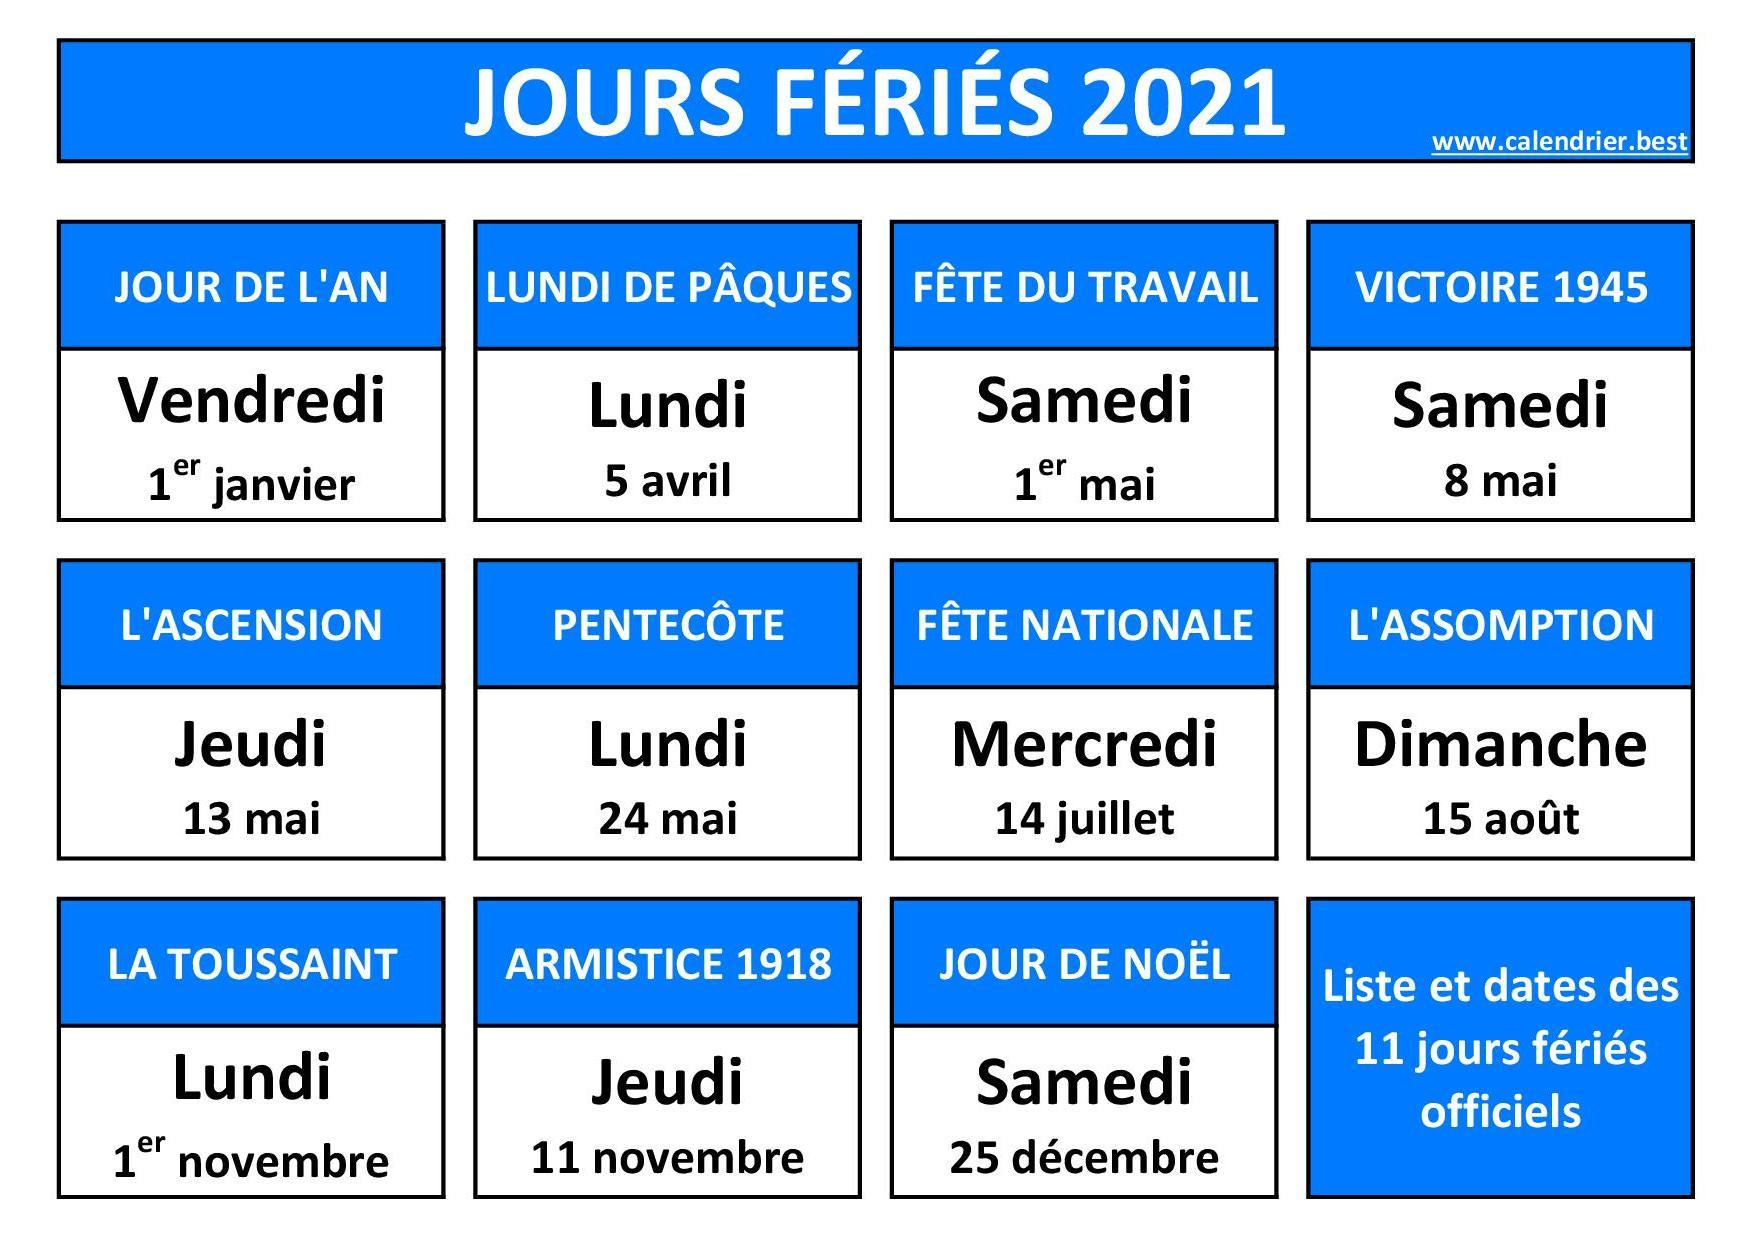 Jours fériés 2021 en France : dates et calendriers